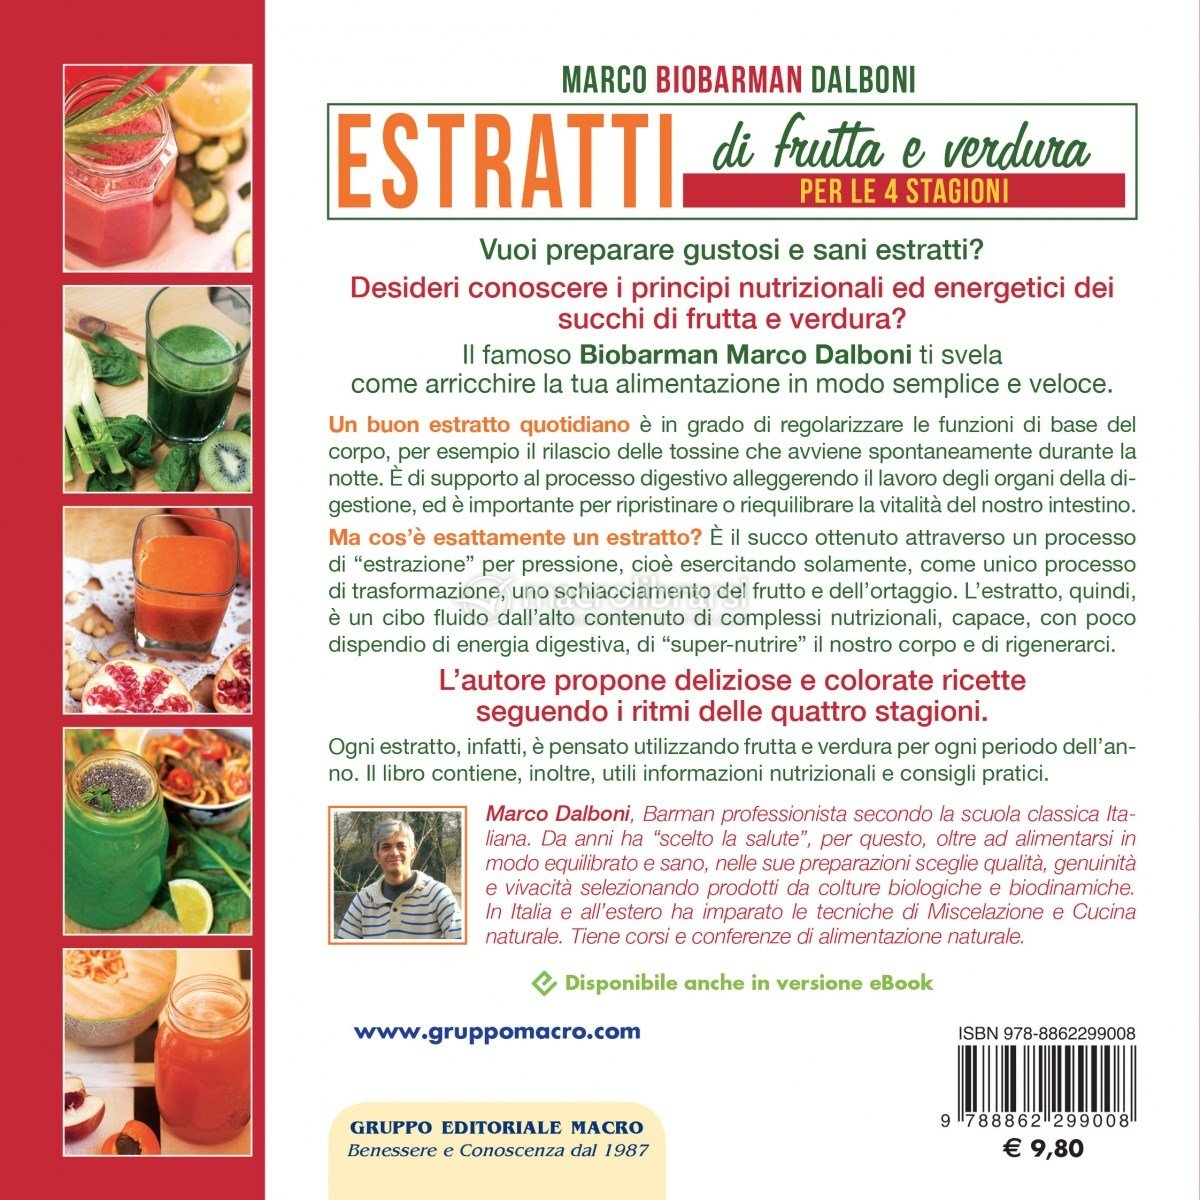 Estratti di frutta e verdura per le 4 stagioni marco dalboni - Immagine di frutta e verdura ...